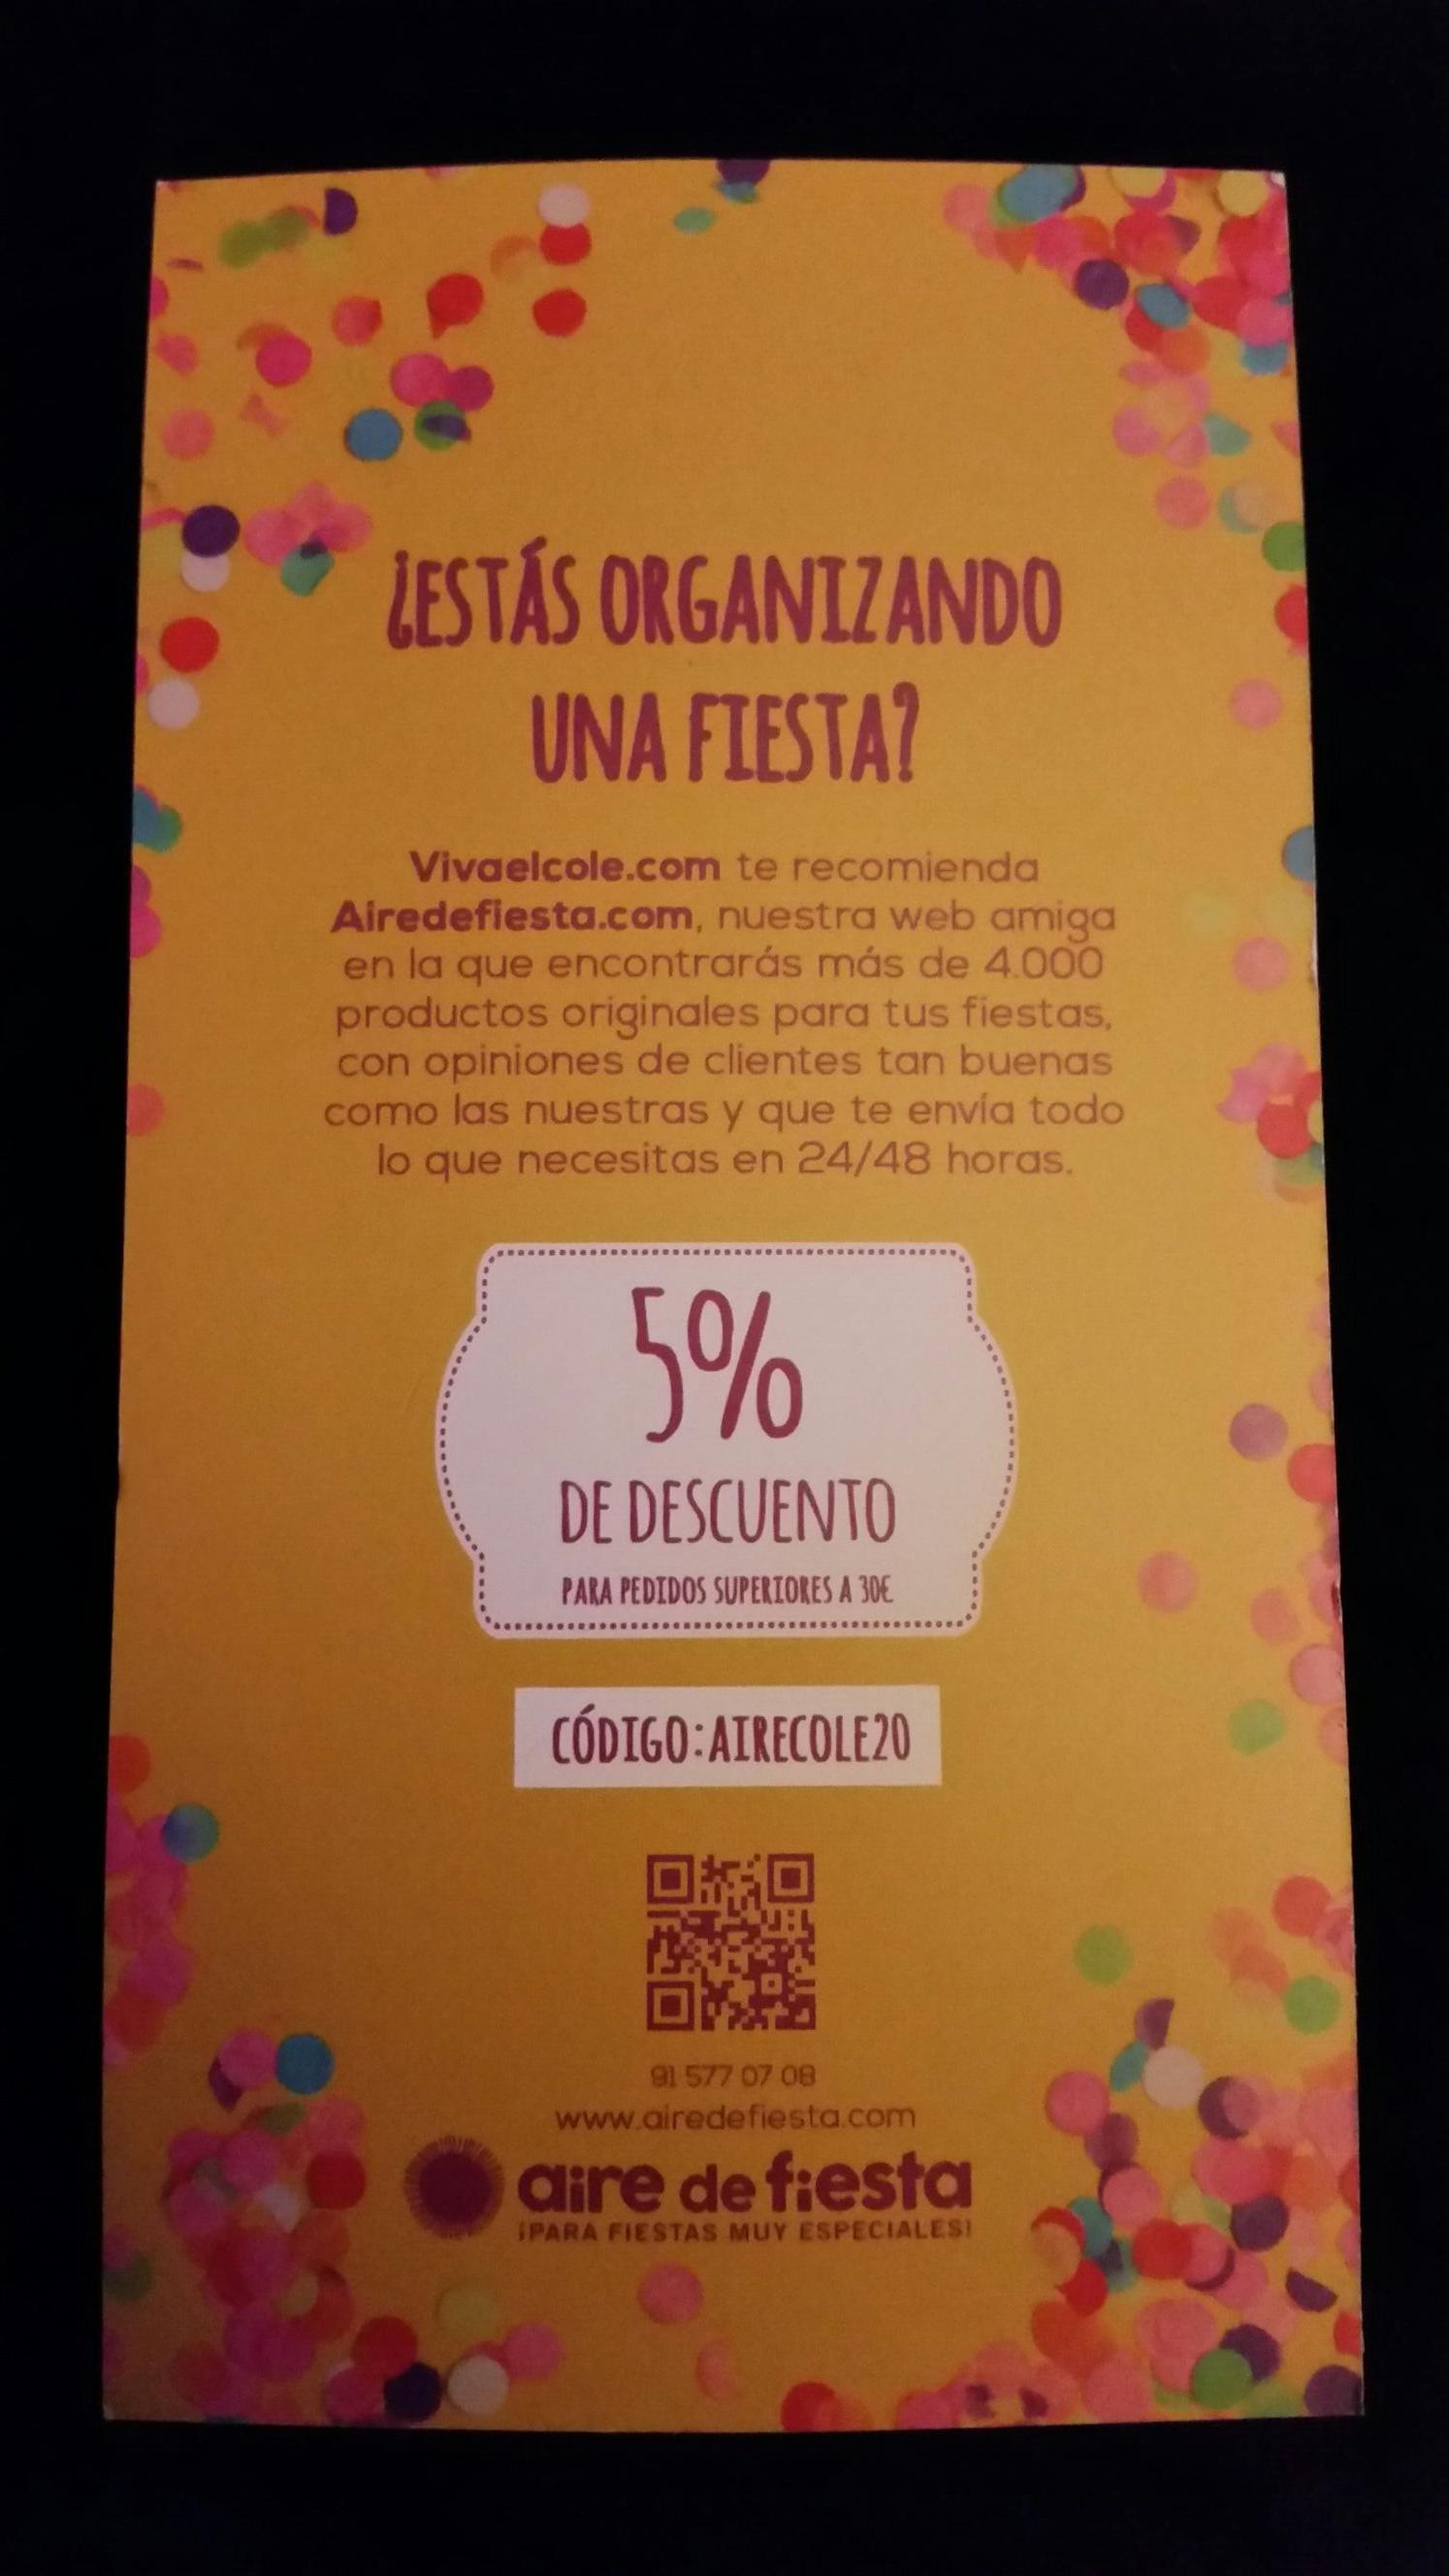 http://www.airedefiesta.com cupon de descuento de 5% en compras superiores a 30€